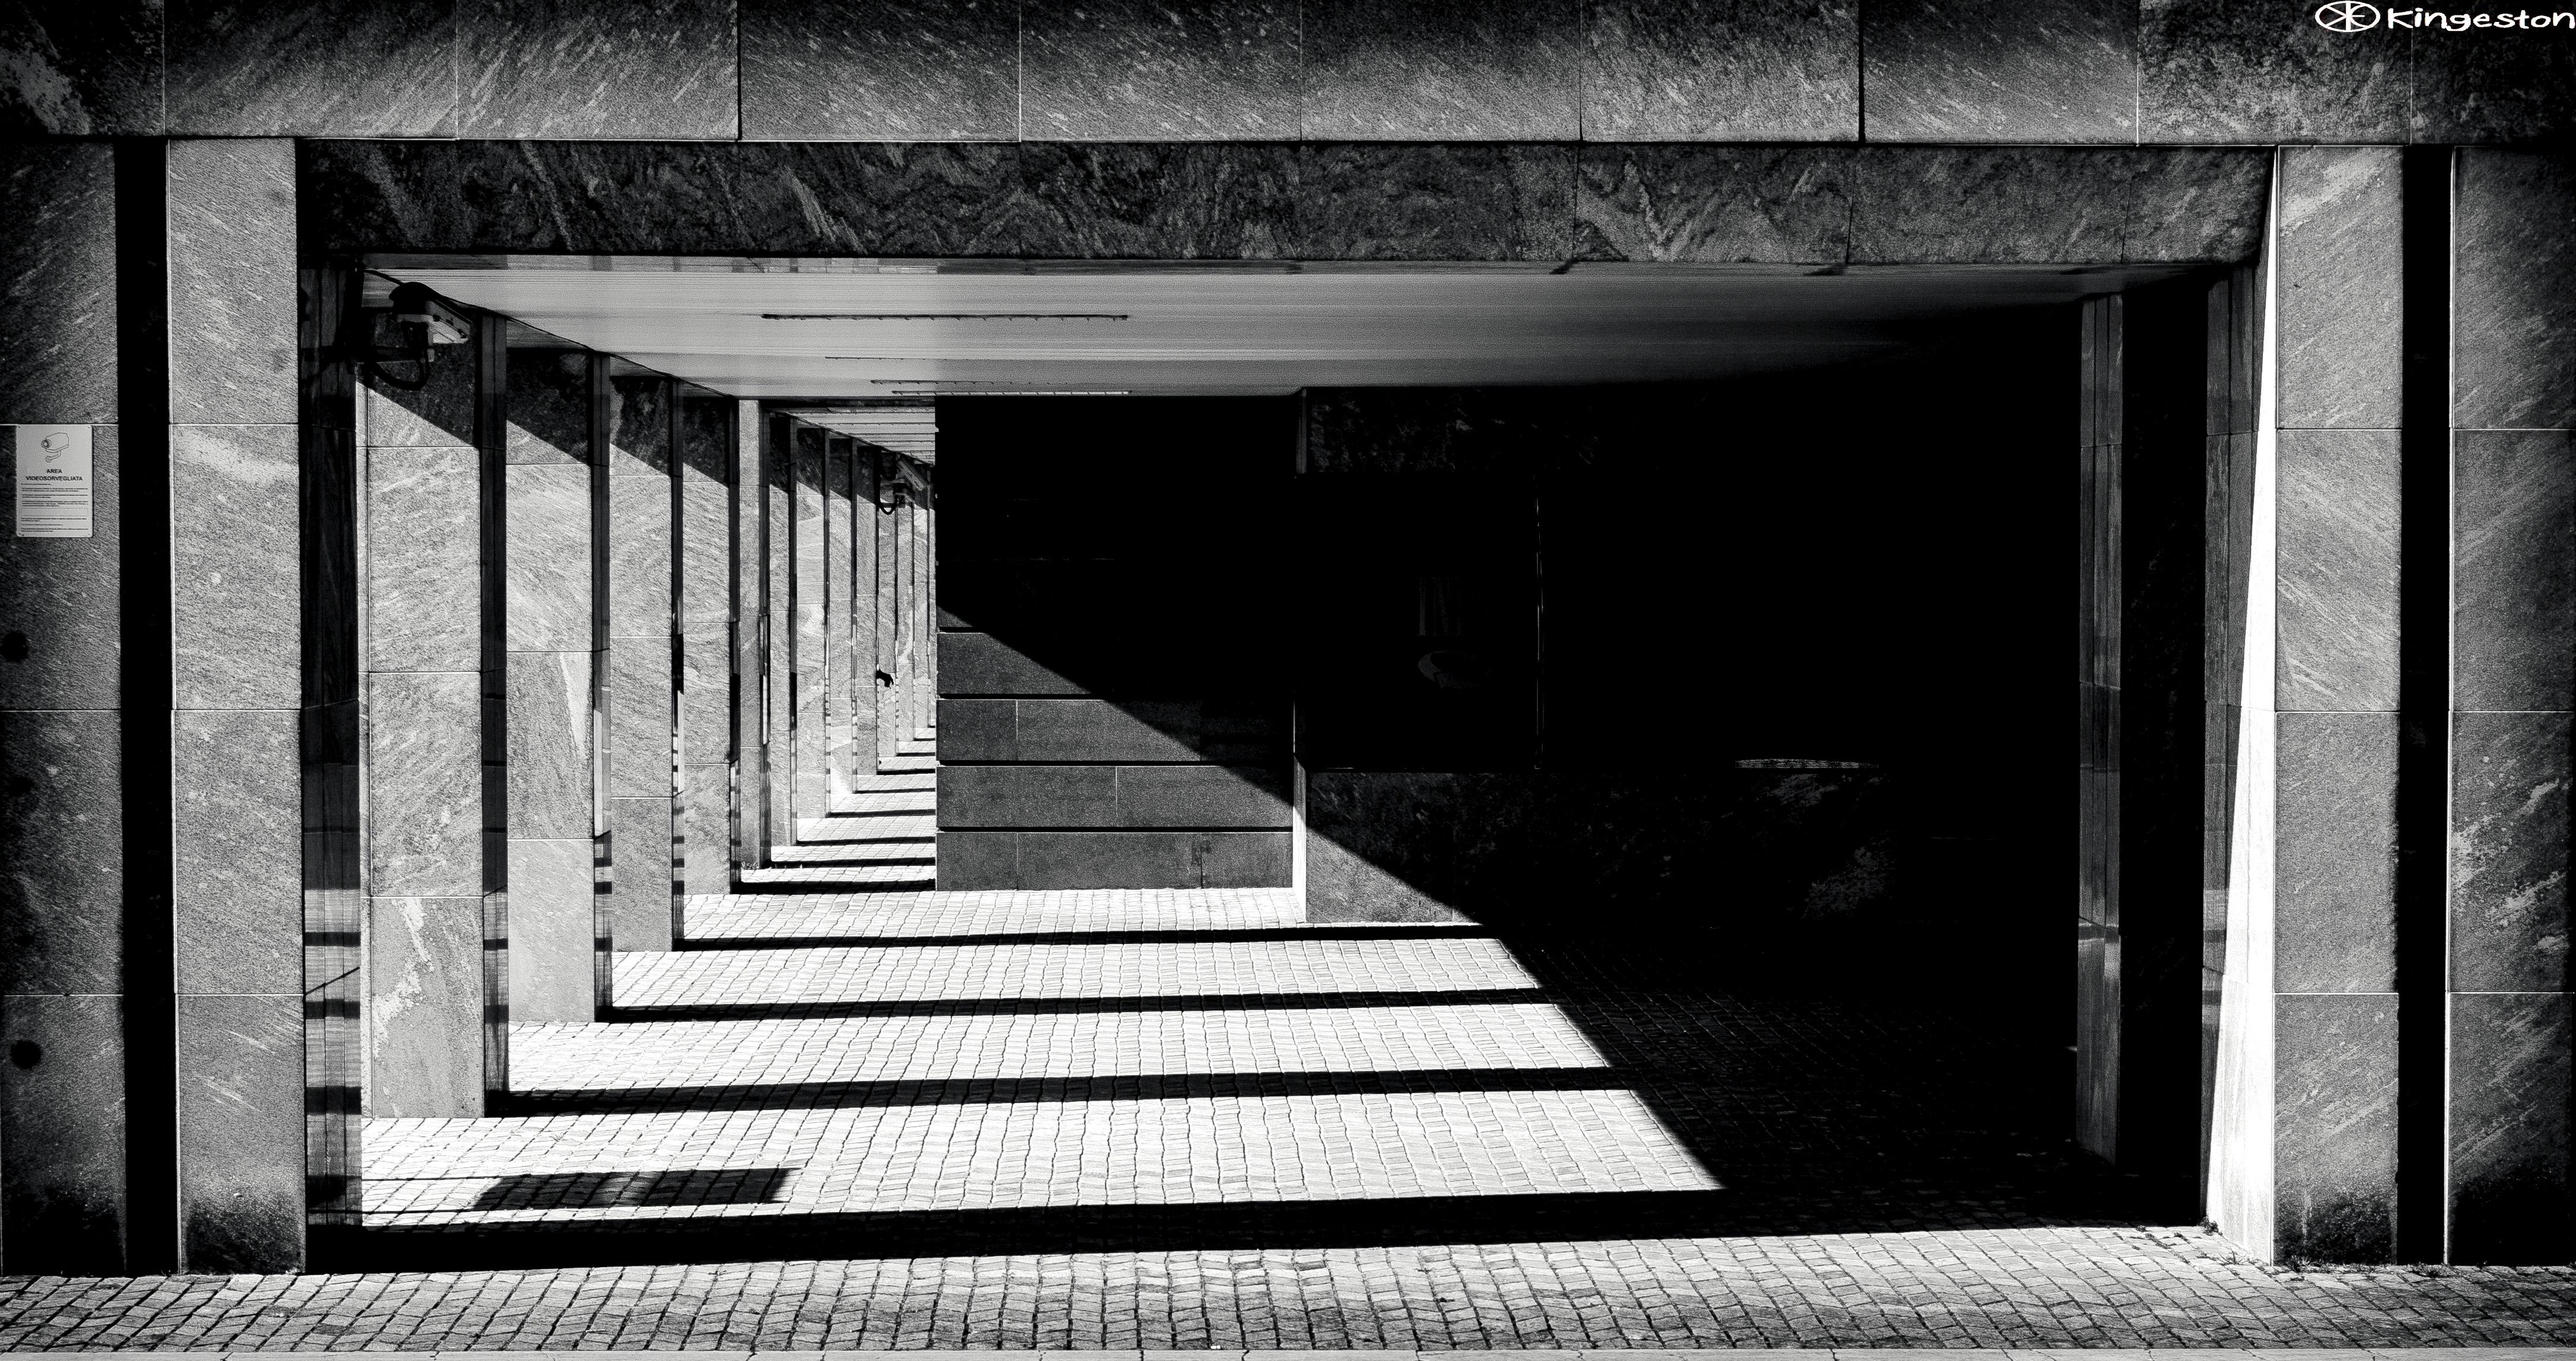 Fond d 39 cran monochrome fen tre architecture ombre for Fenetre noir et blanc